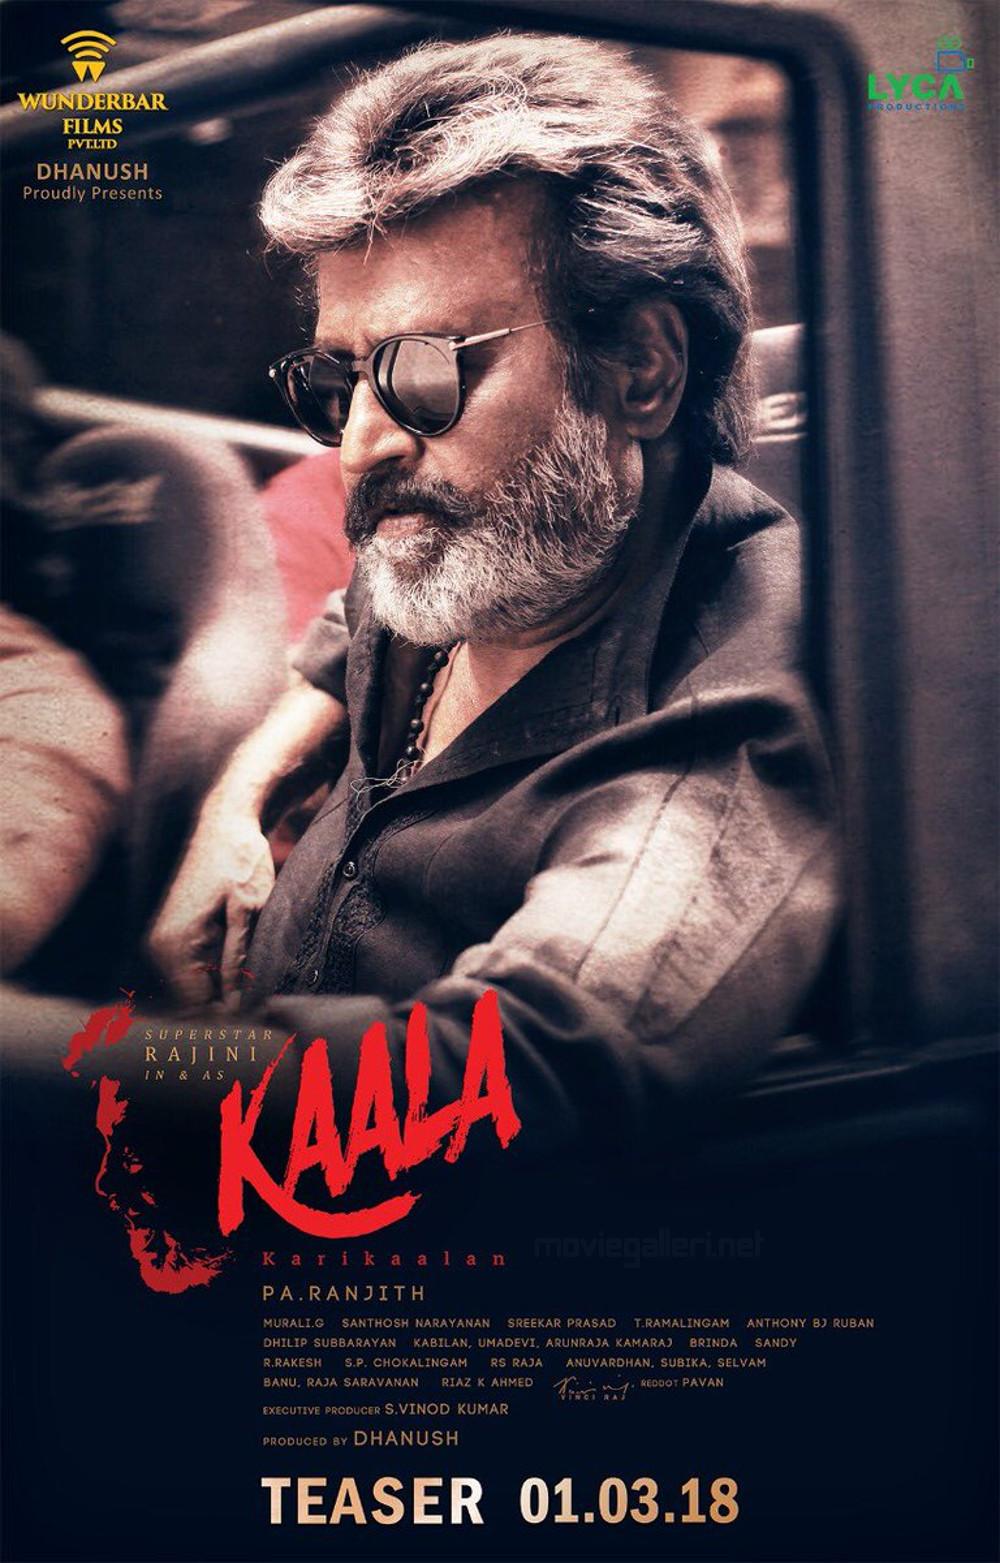 Superstar Rajinikanth Kaala Movie Teaser on March 1st Poster